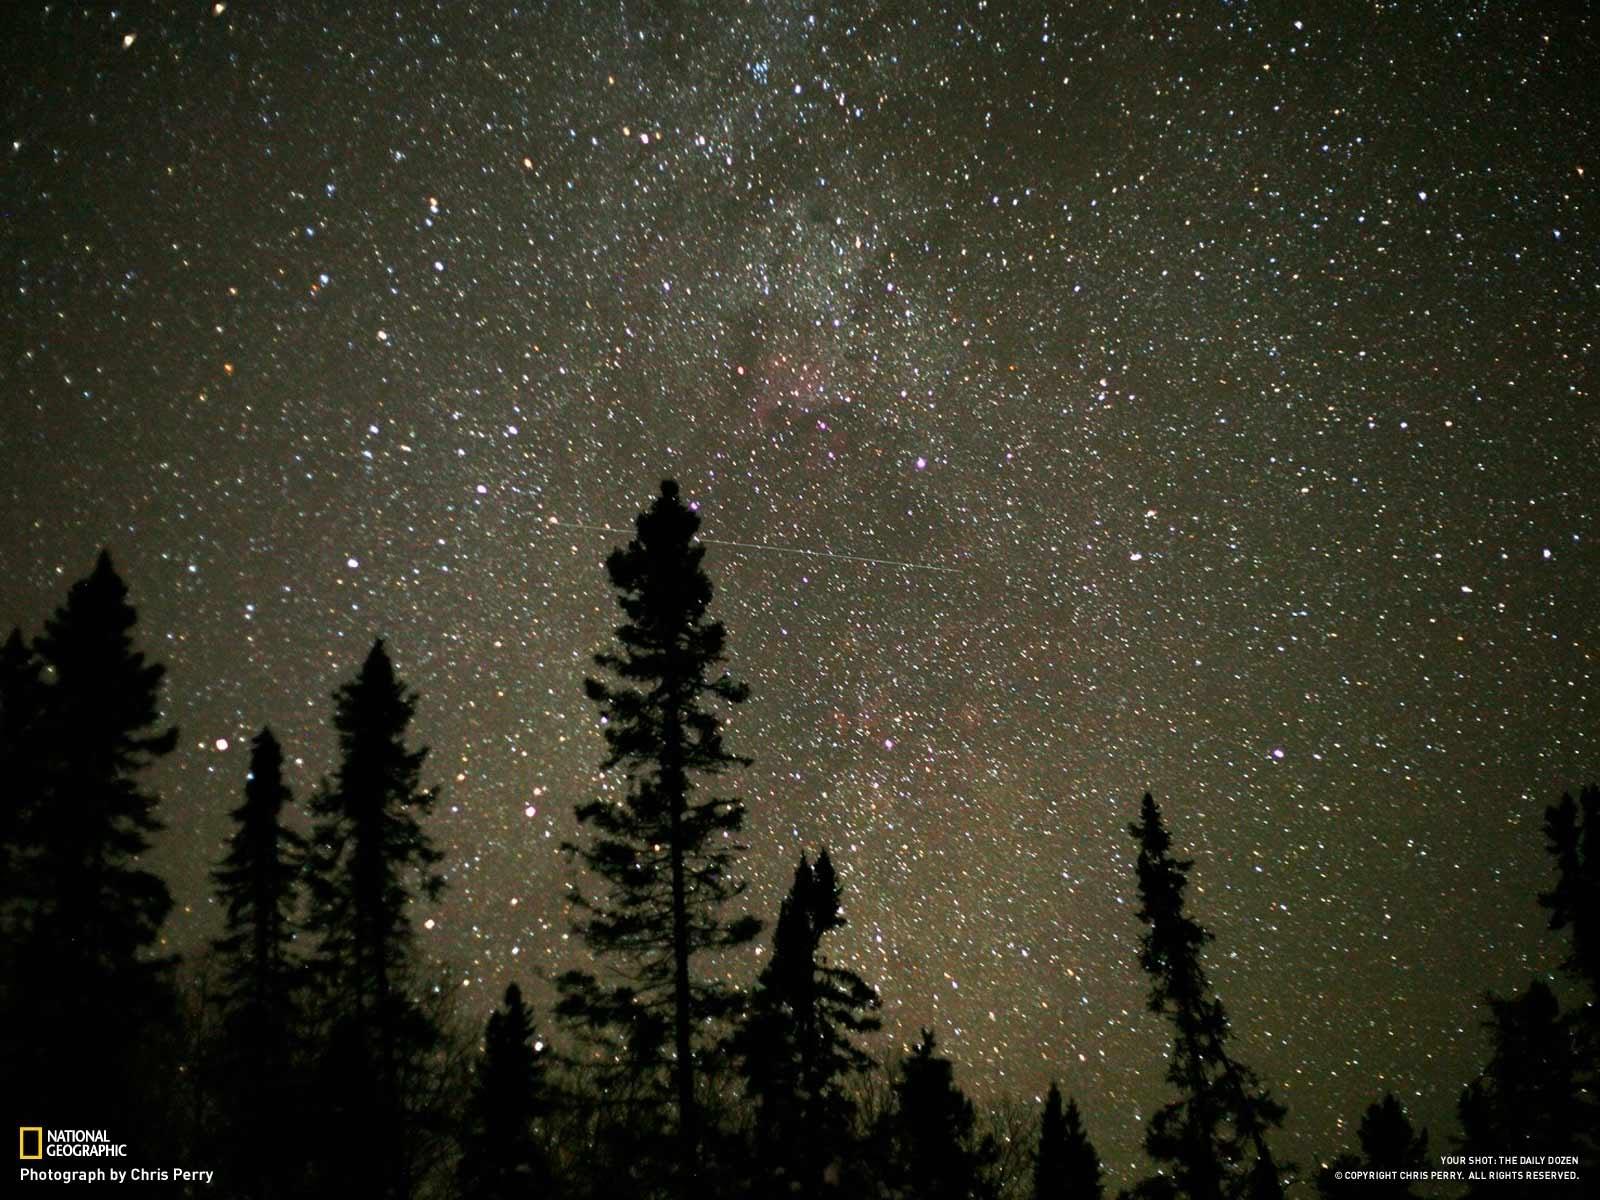 Gambar Bintang Yang Sangat Indah Di Langit Malam